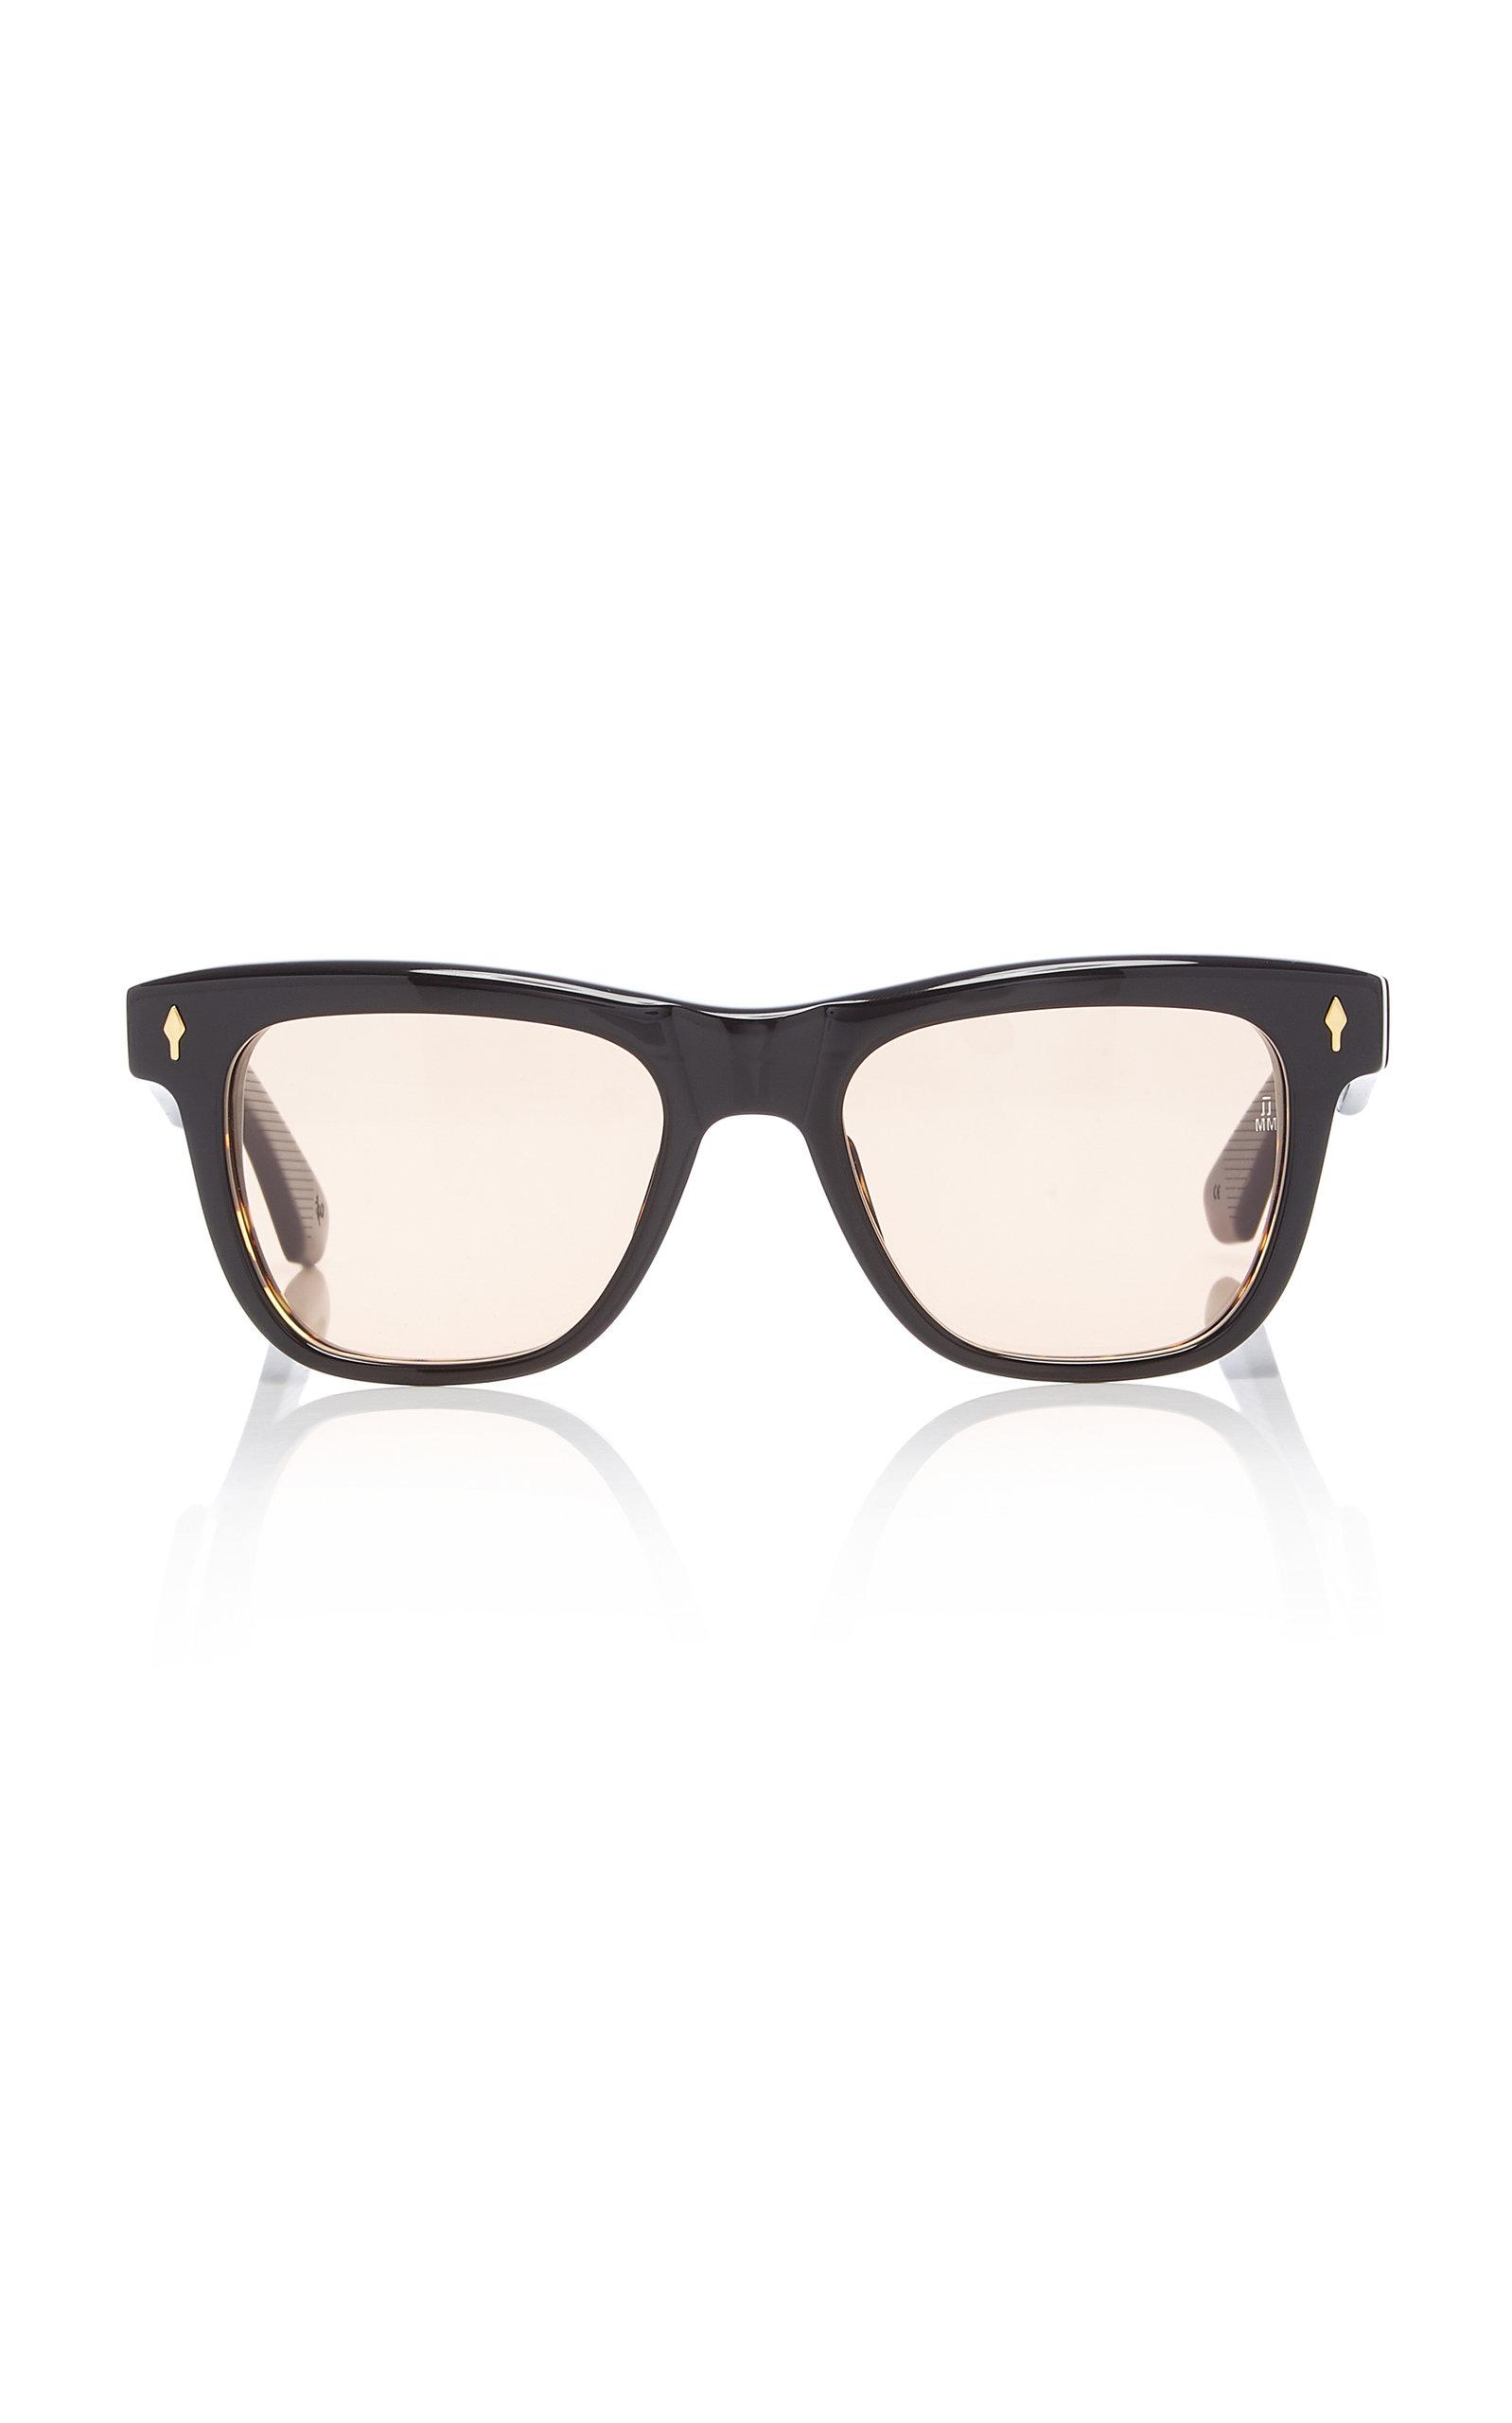 sol con Marie Jacques de en gafas negro Acetate cuadrada Fitzgerald Mage montura qZggx4Y6